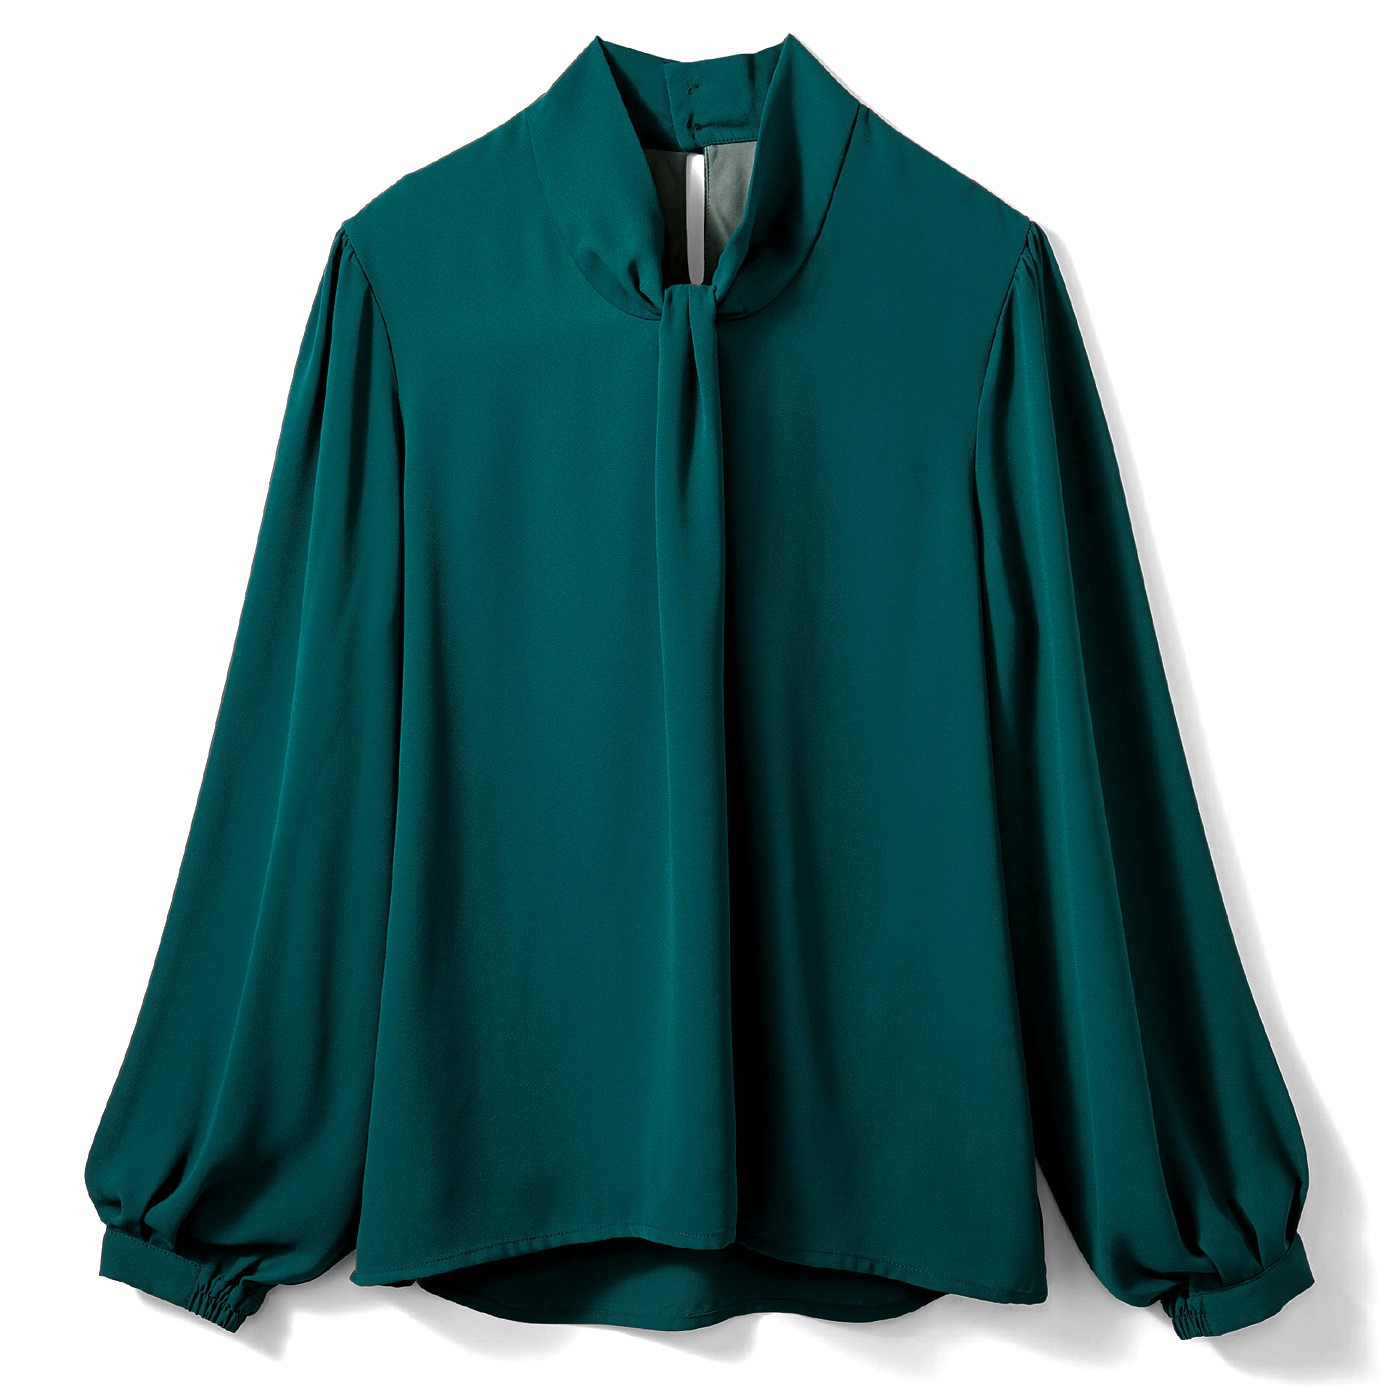 【3~10日でお届け】IEDIT[イディット] 結ぶ手間いらず! Tシャツ心地で快適なボウタイ風ドッキングTブラウス〈フォレストグリーン〉